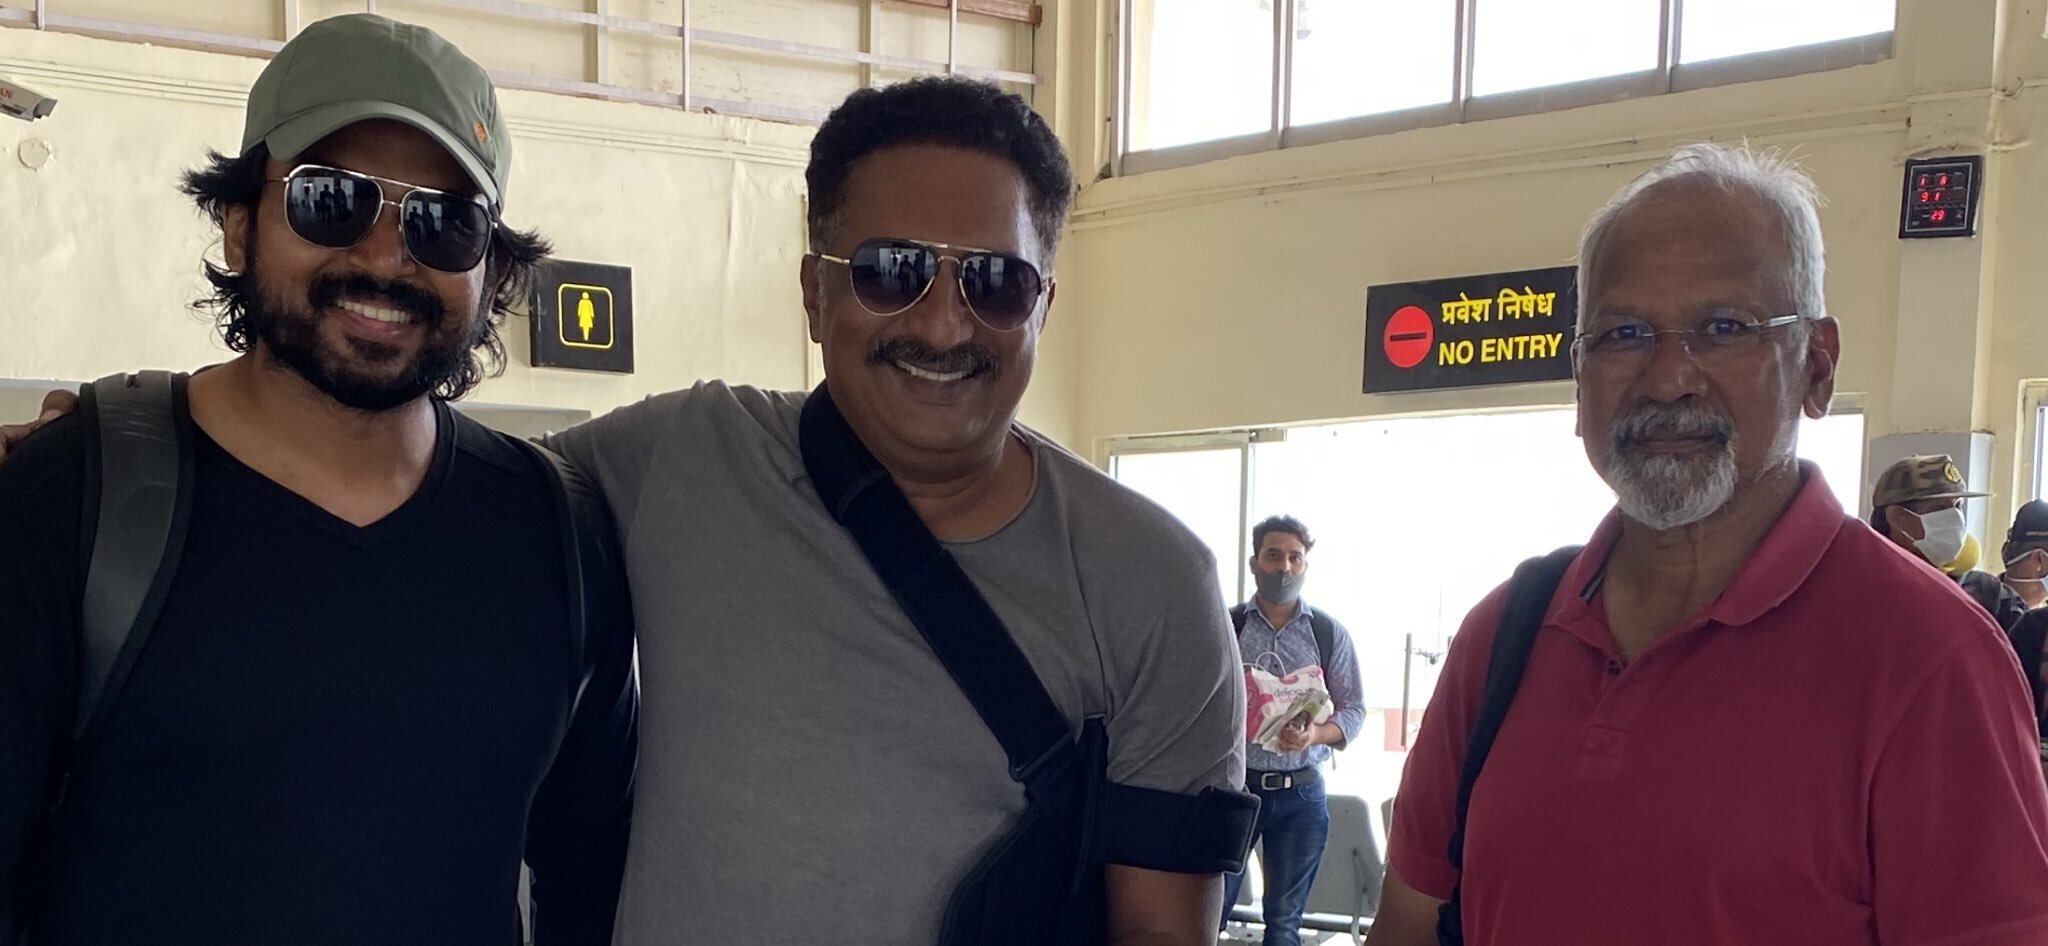 மத்திய பிரதேசத்திற்கு பறந்தது பொன்னியின் செல்வன் டீம்....பிரகாஷ் ராஜின் ட்டிவிட் செம வைரல்!